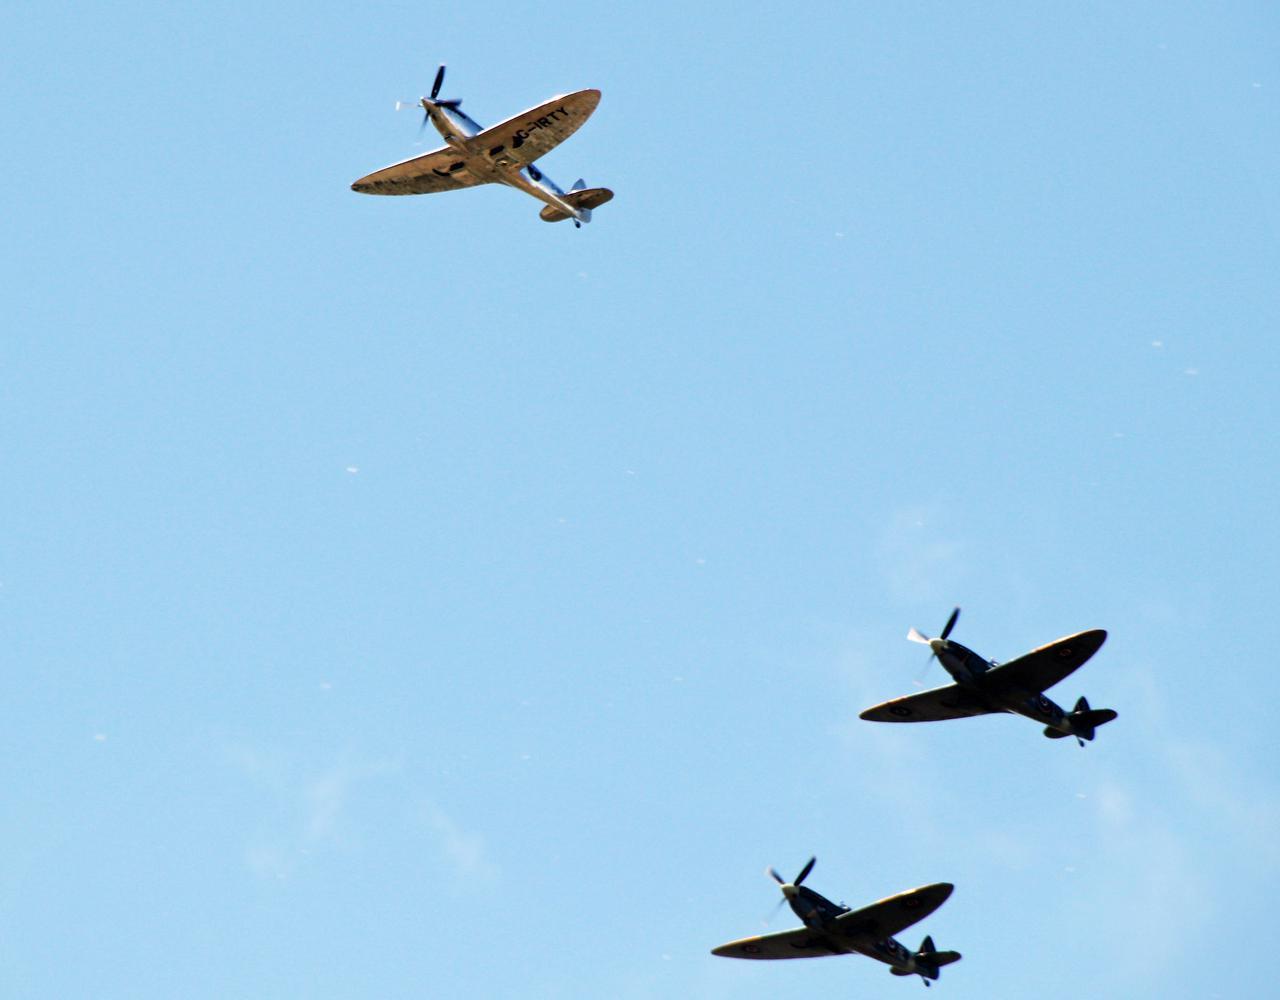 画像: 特徴的な楕円翼型を見せながら、同型機とともに飛行するシルバー・スピットファイア。